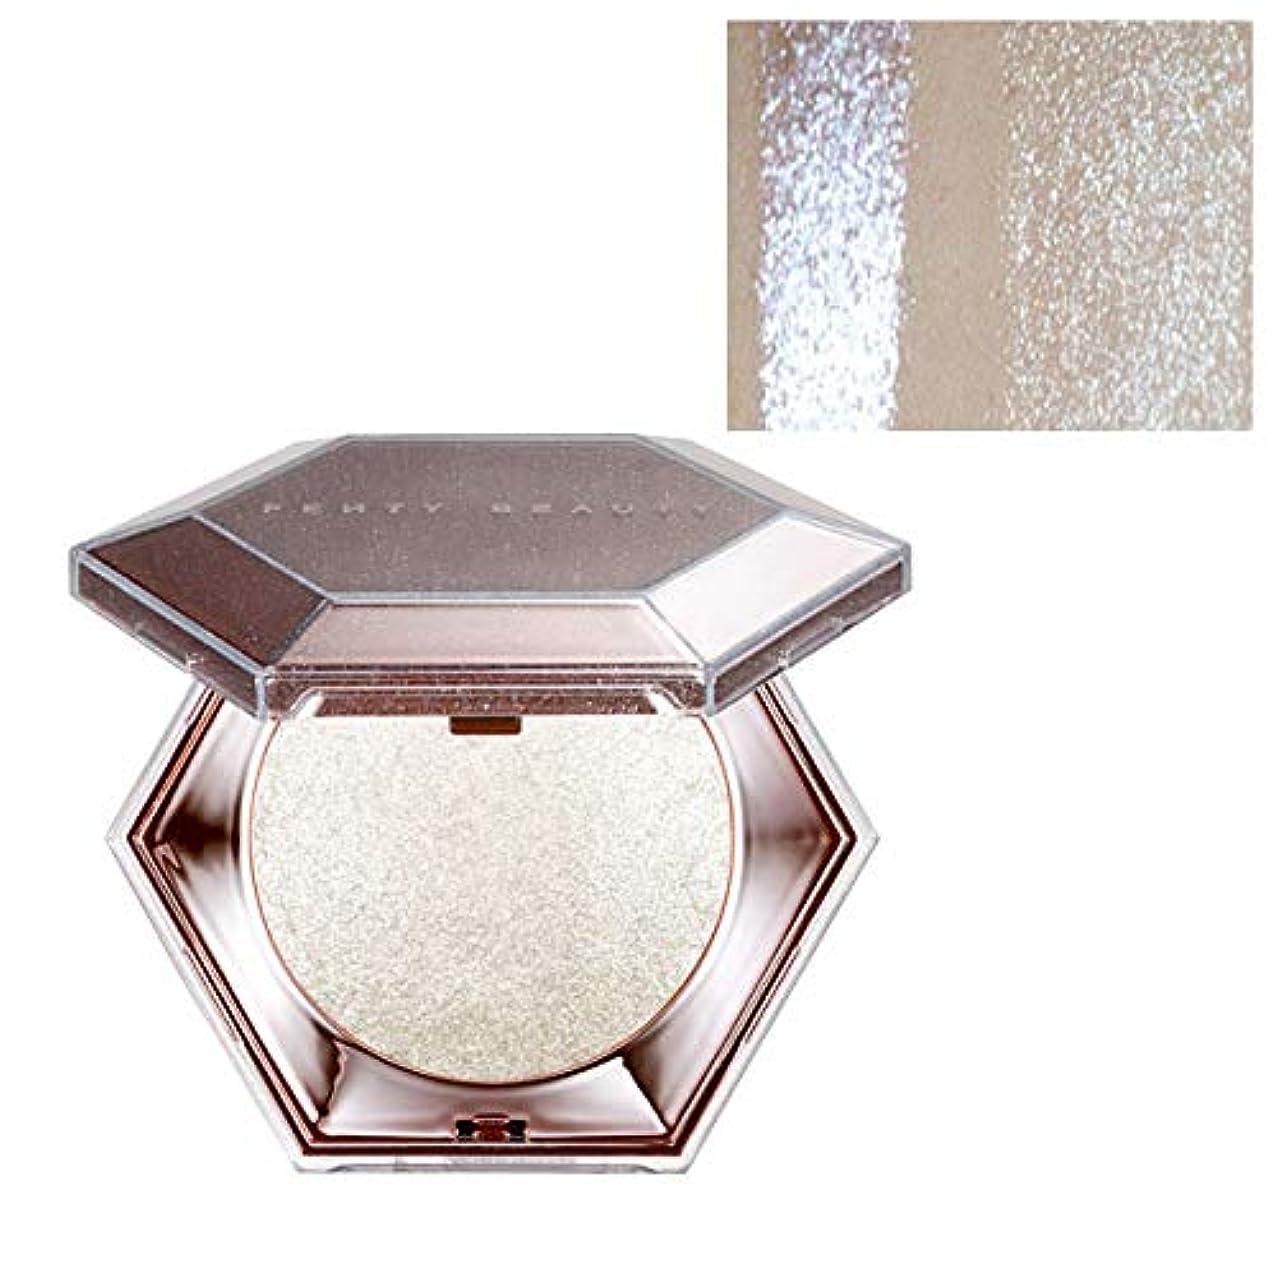 補体アコードコンペFENTY BEAUTY BY RIHANNA Diamond Bomb All-Over Diamond Veil [海外直送品] [並行輸入品]